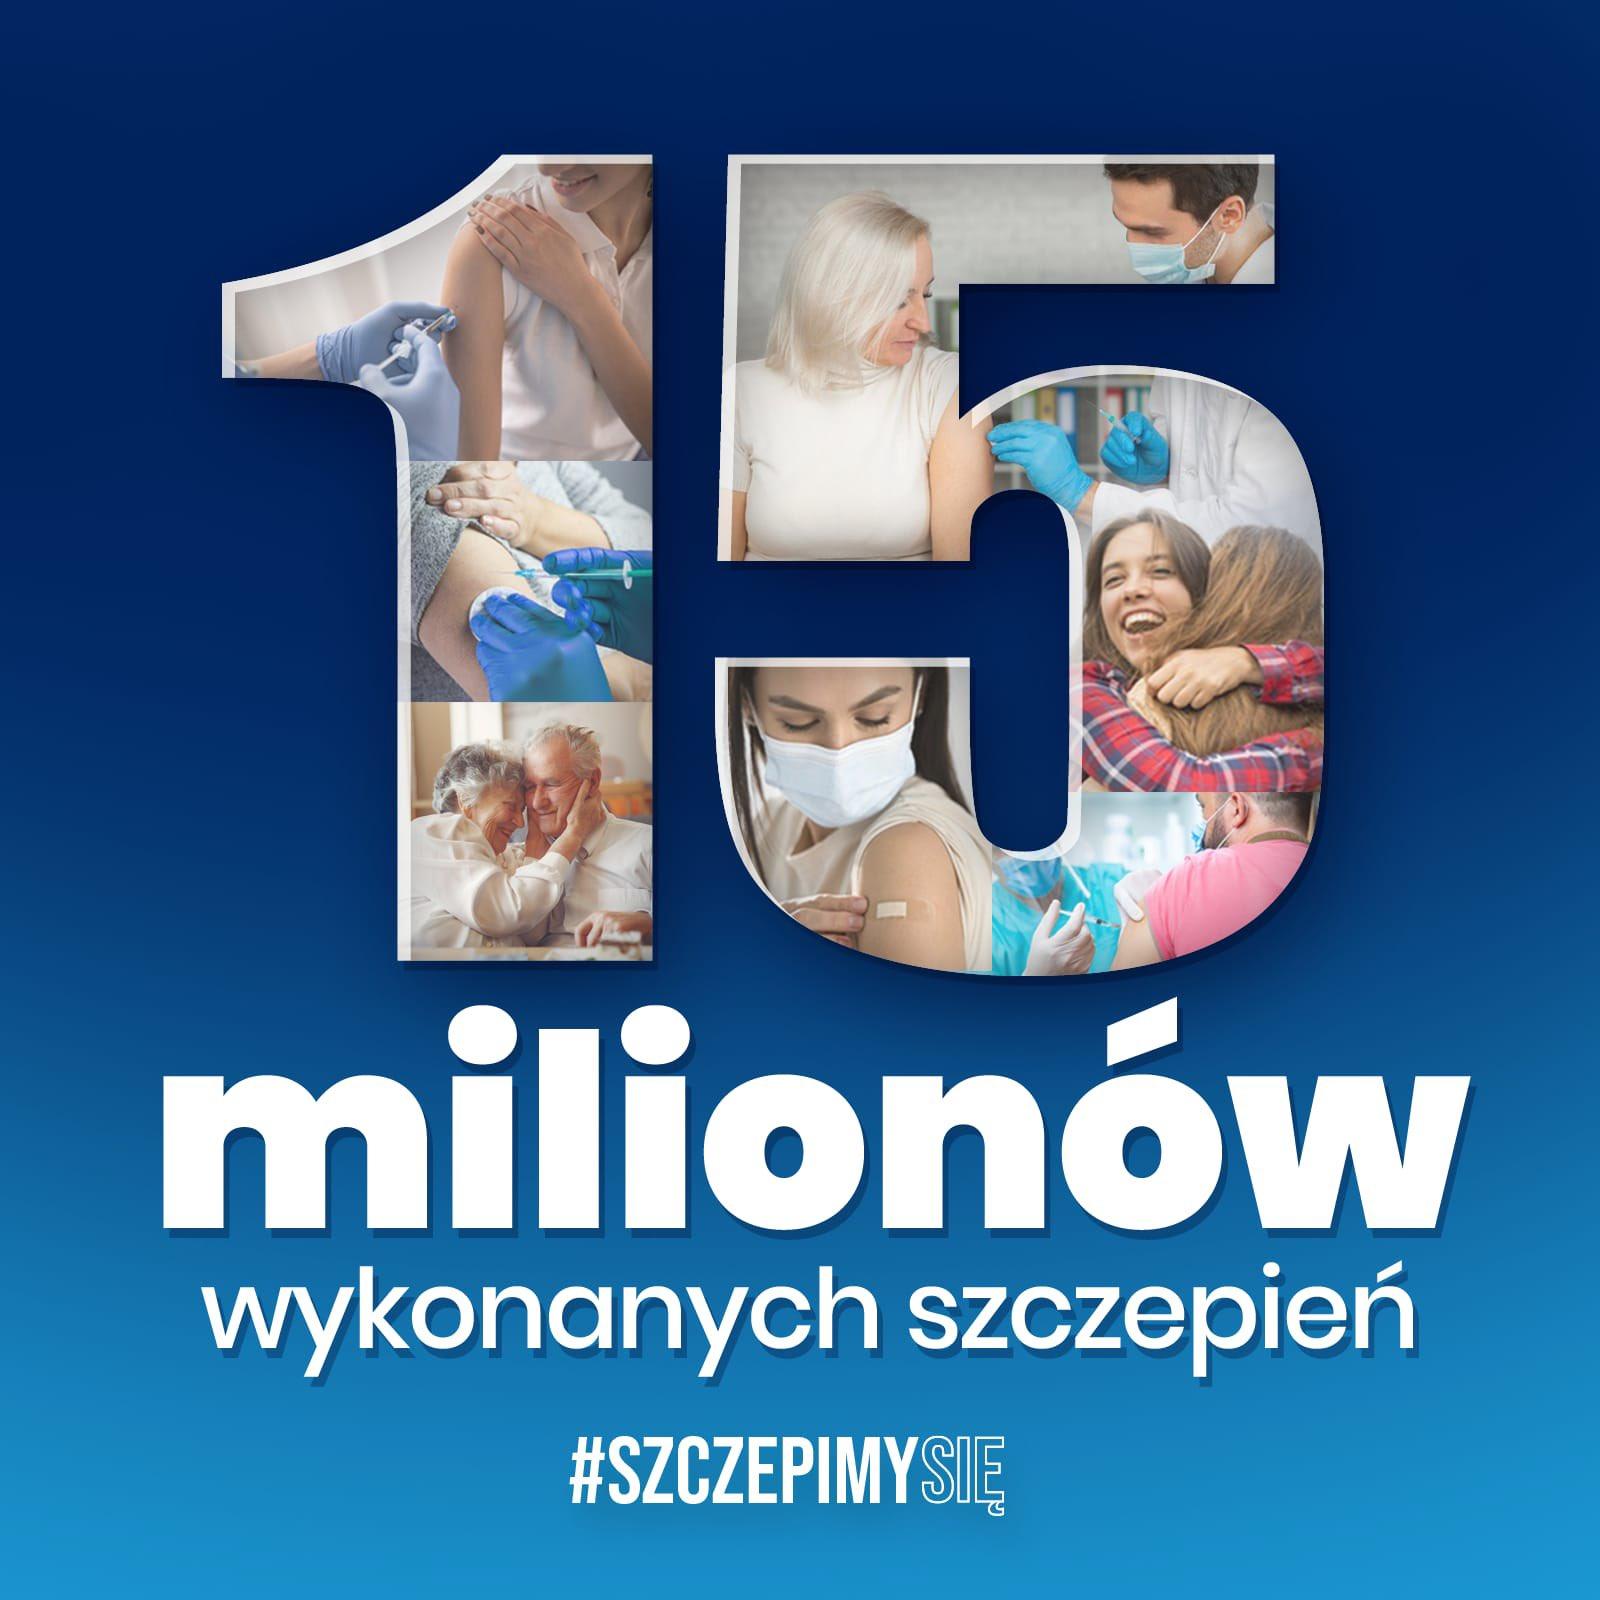 15 milionów szczepień